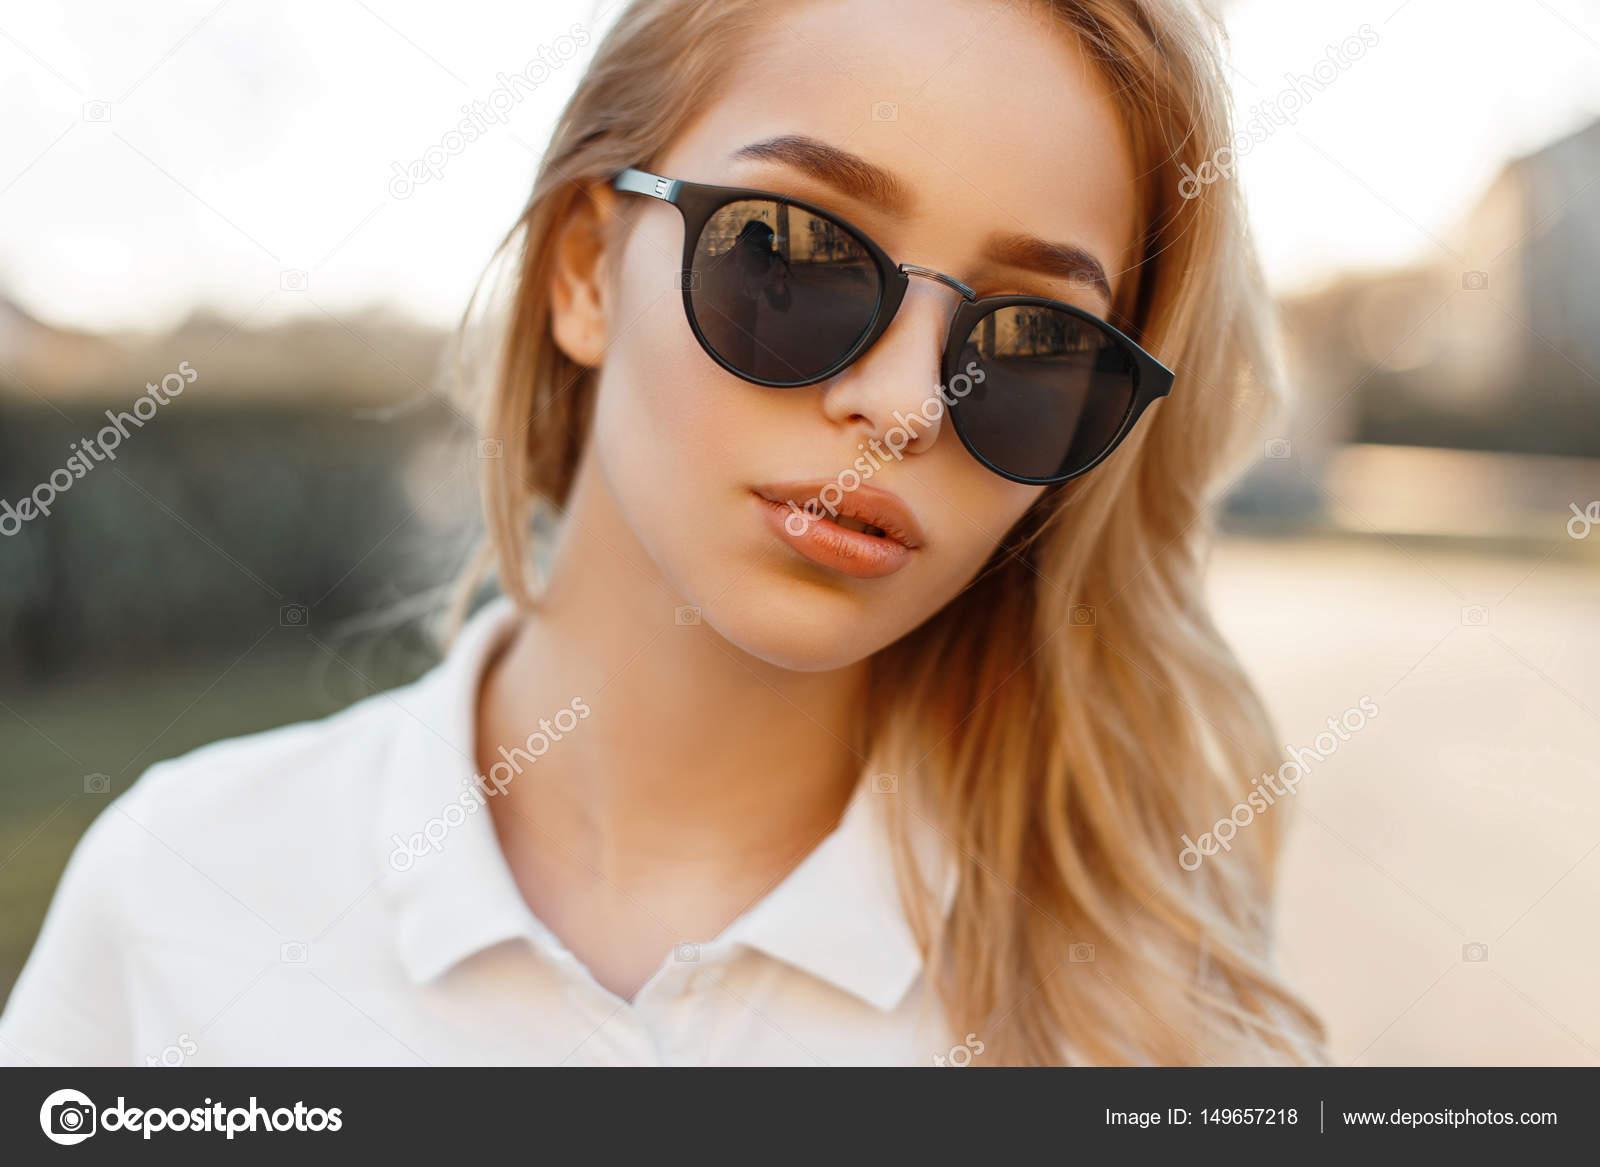 Szép fiatal lány napszemüveg egy tavaszi napon e2fcd8dc85